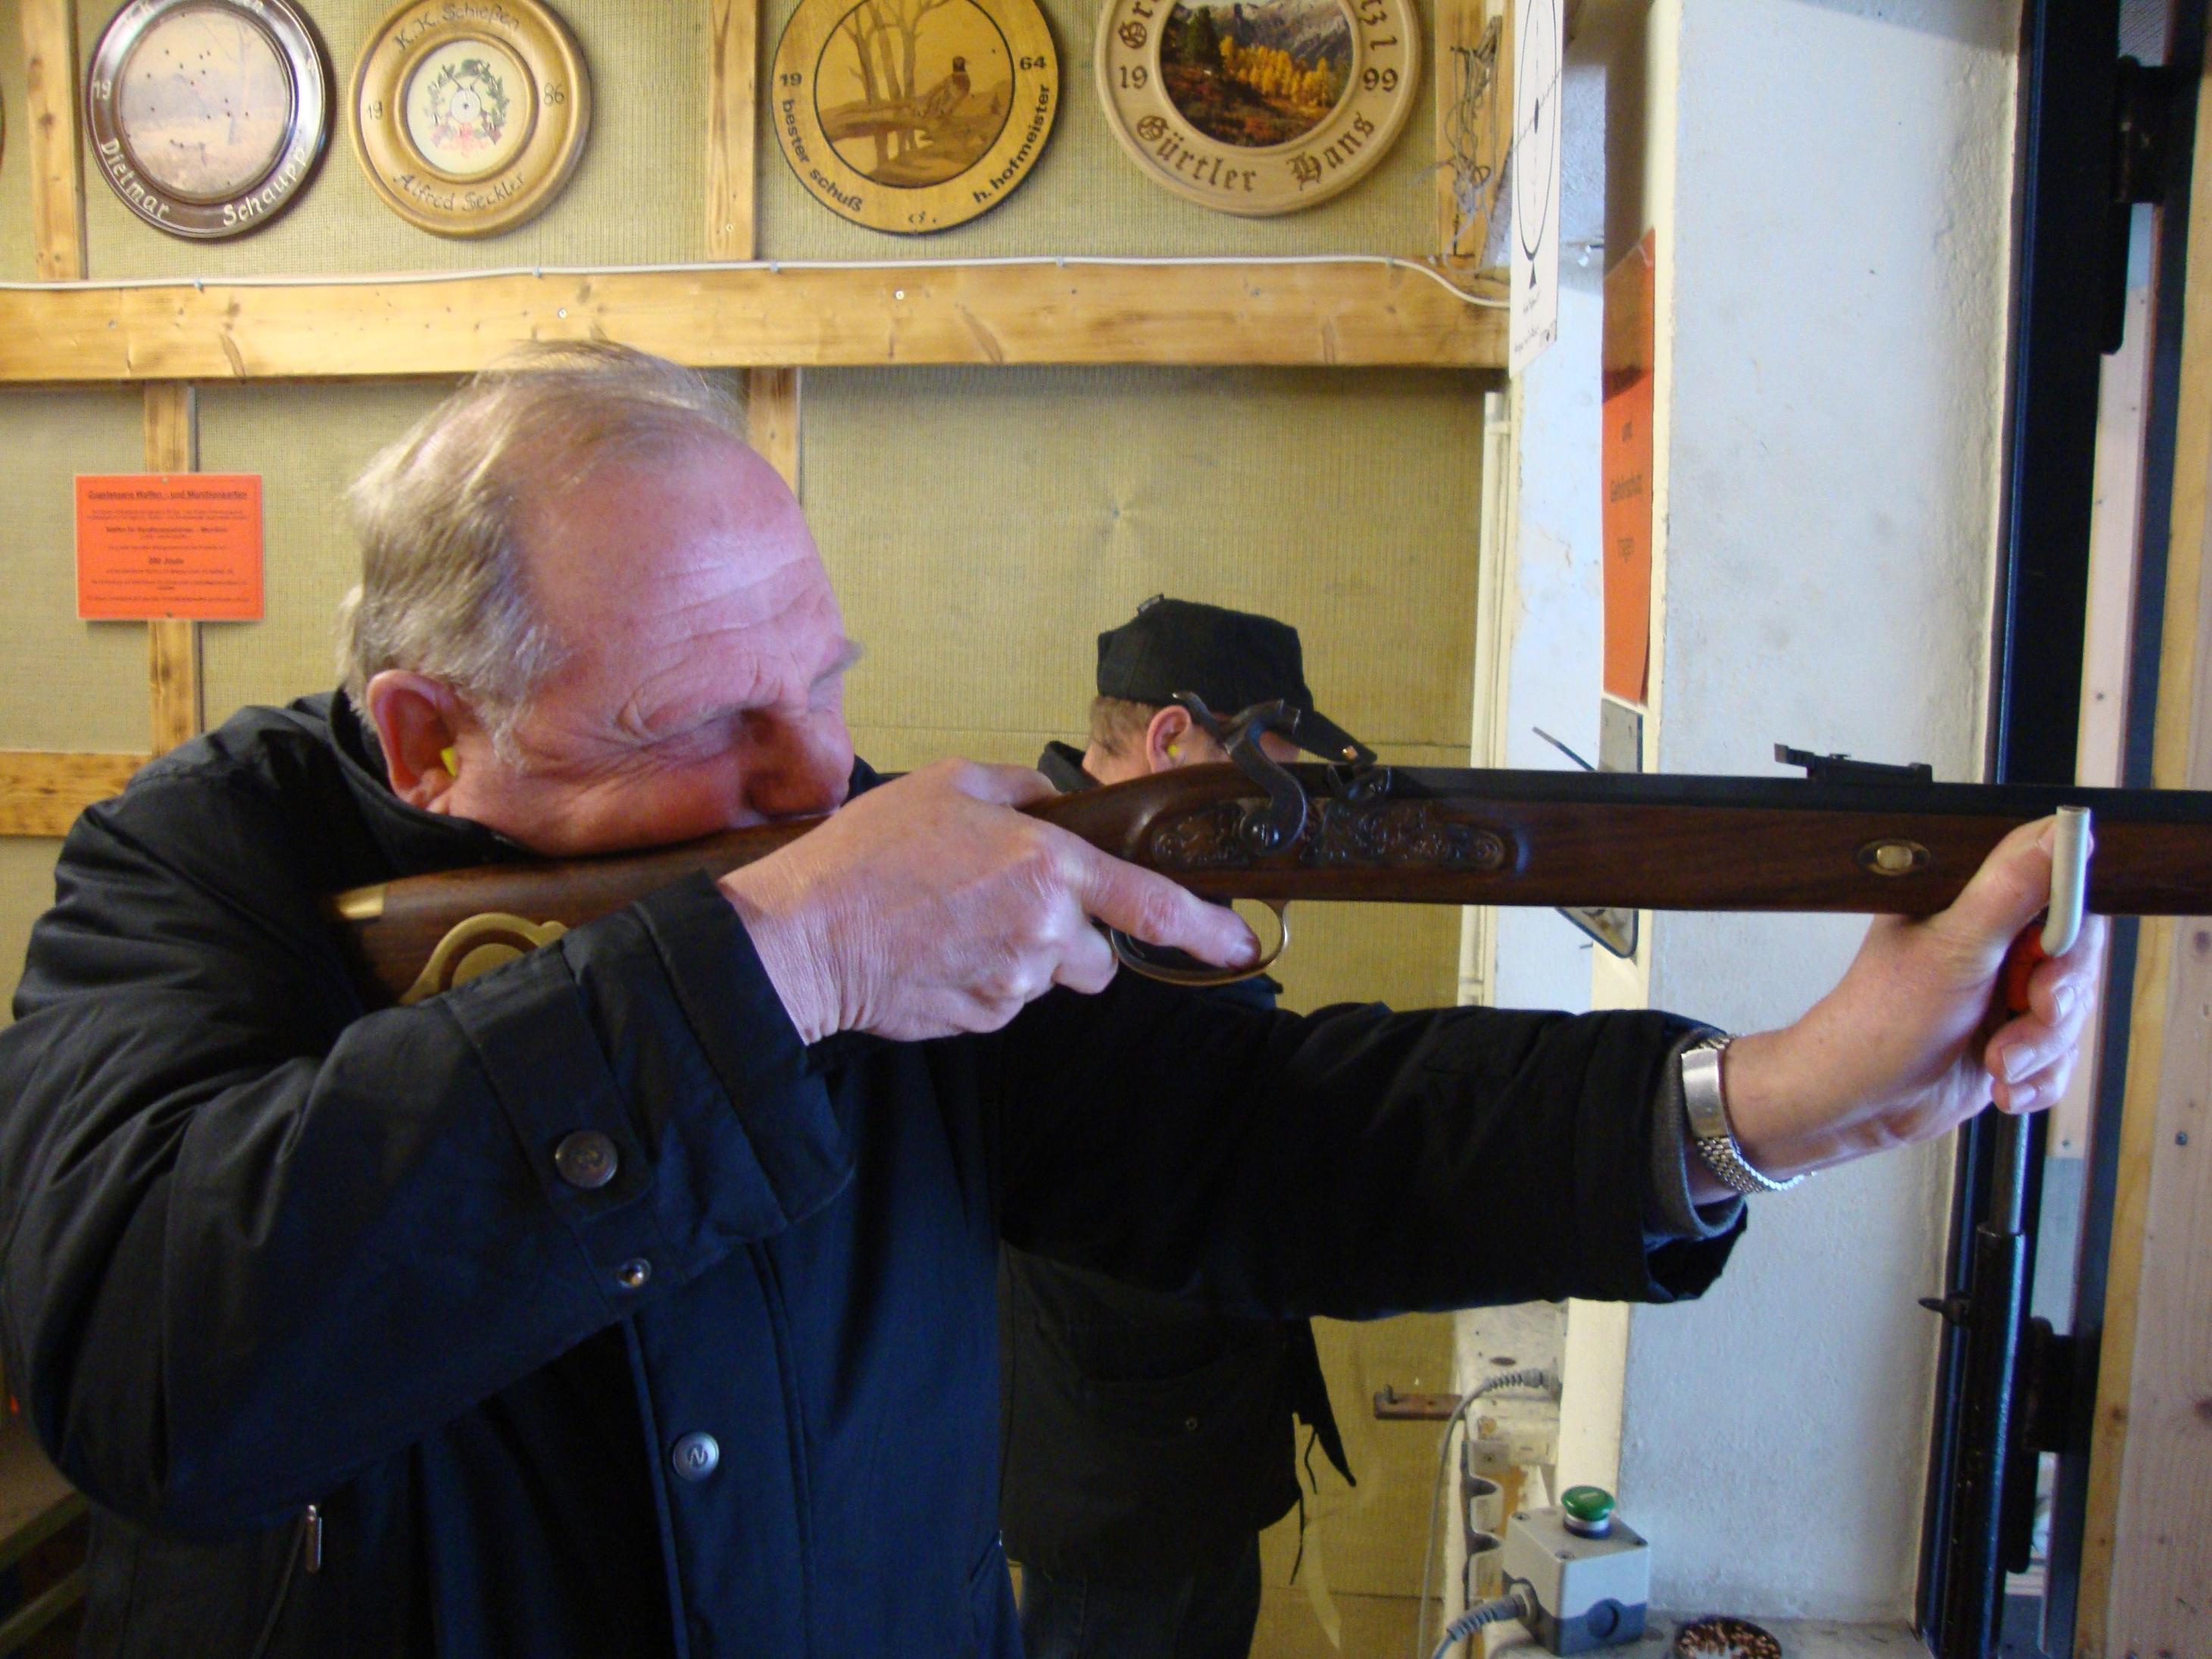 Schützenmeister Wolfgang Brenner beim Schuss auf die Festscheibe